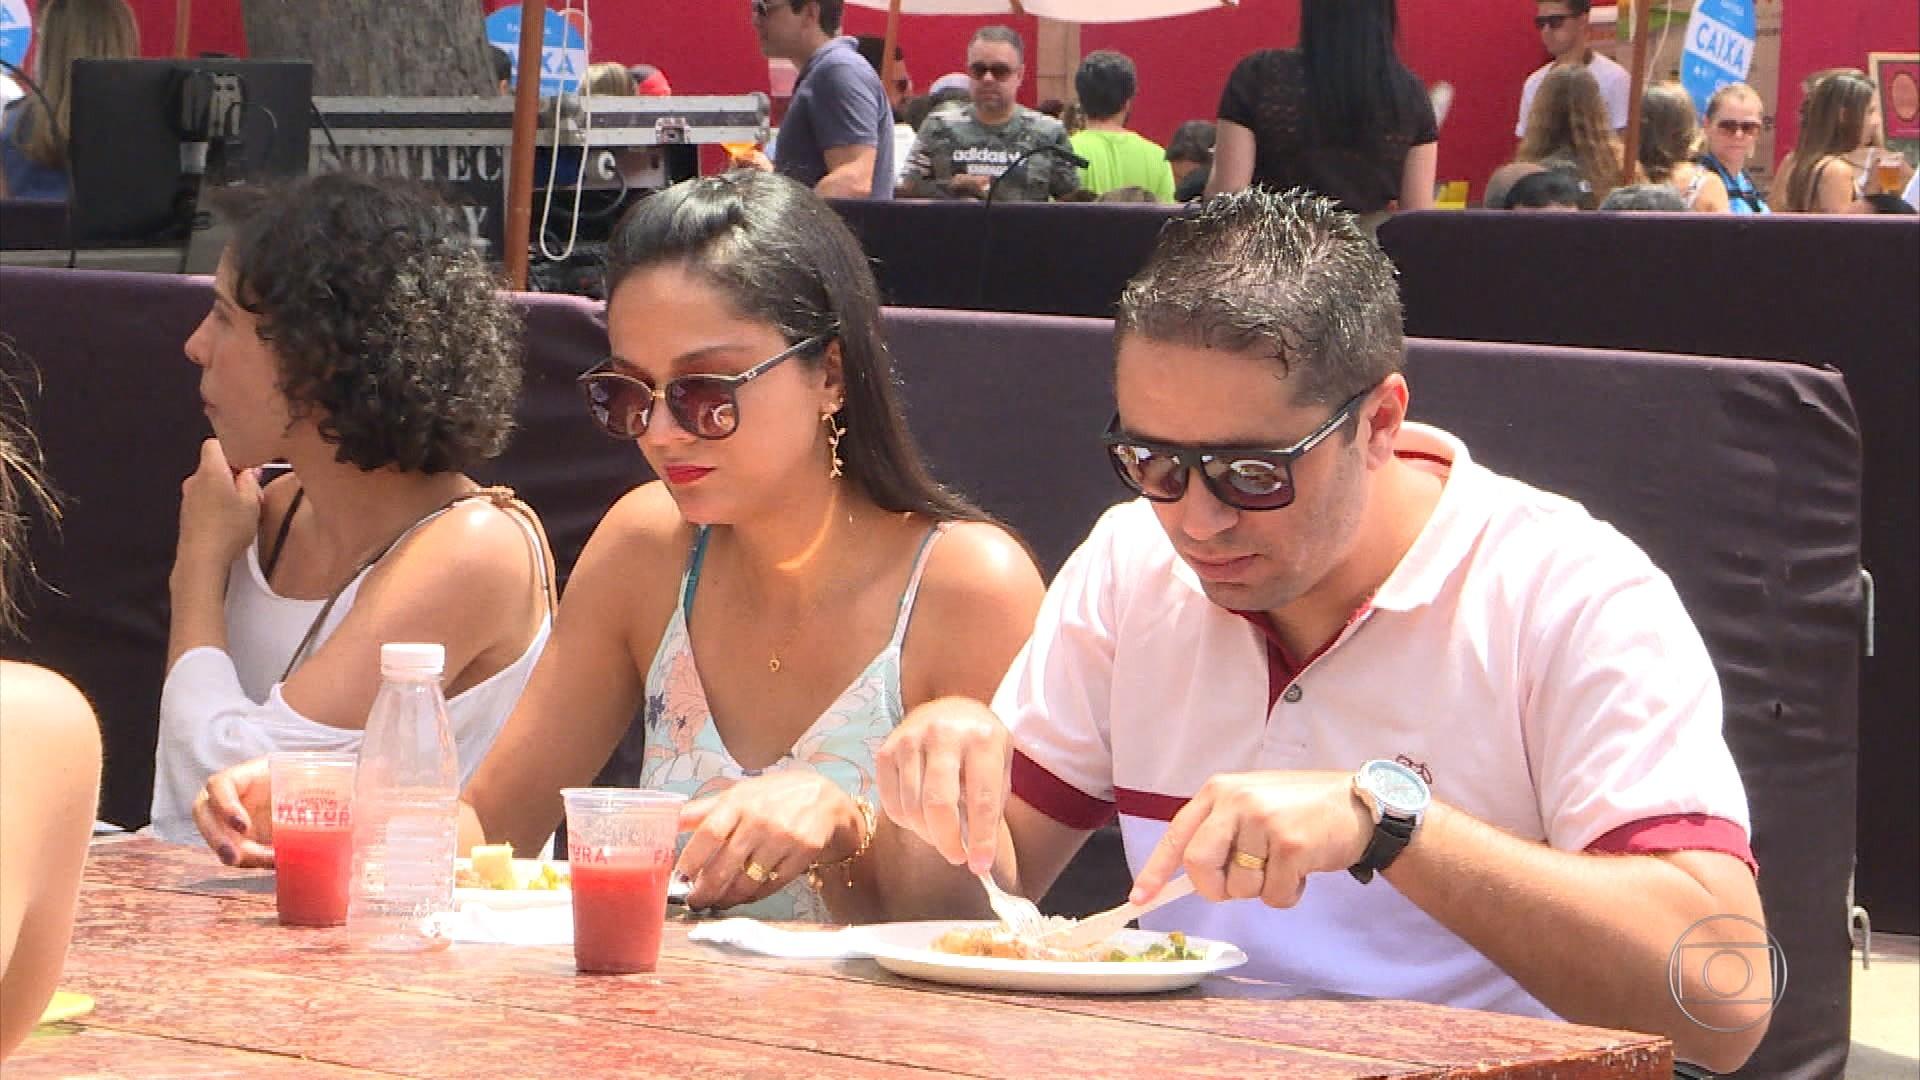 Centenas de pessoas participam do 'Festival Fartura', em Belo Horizonte